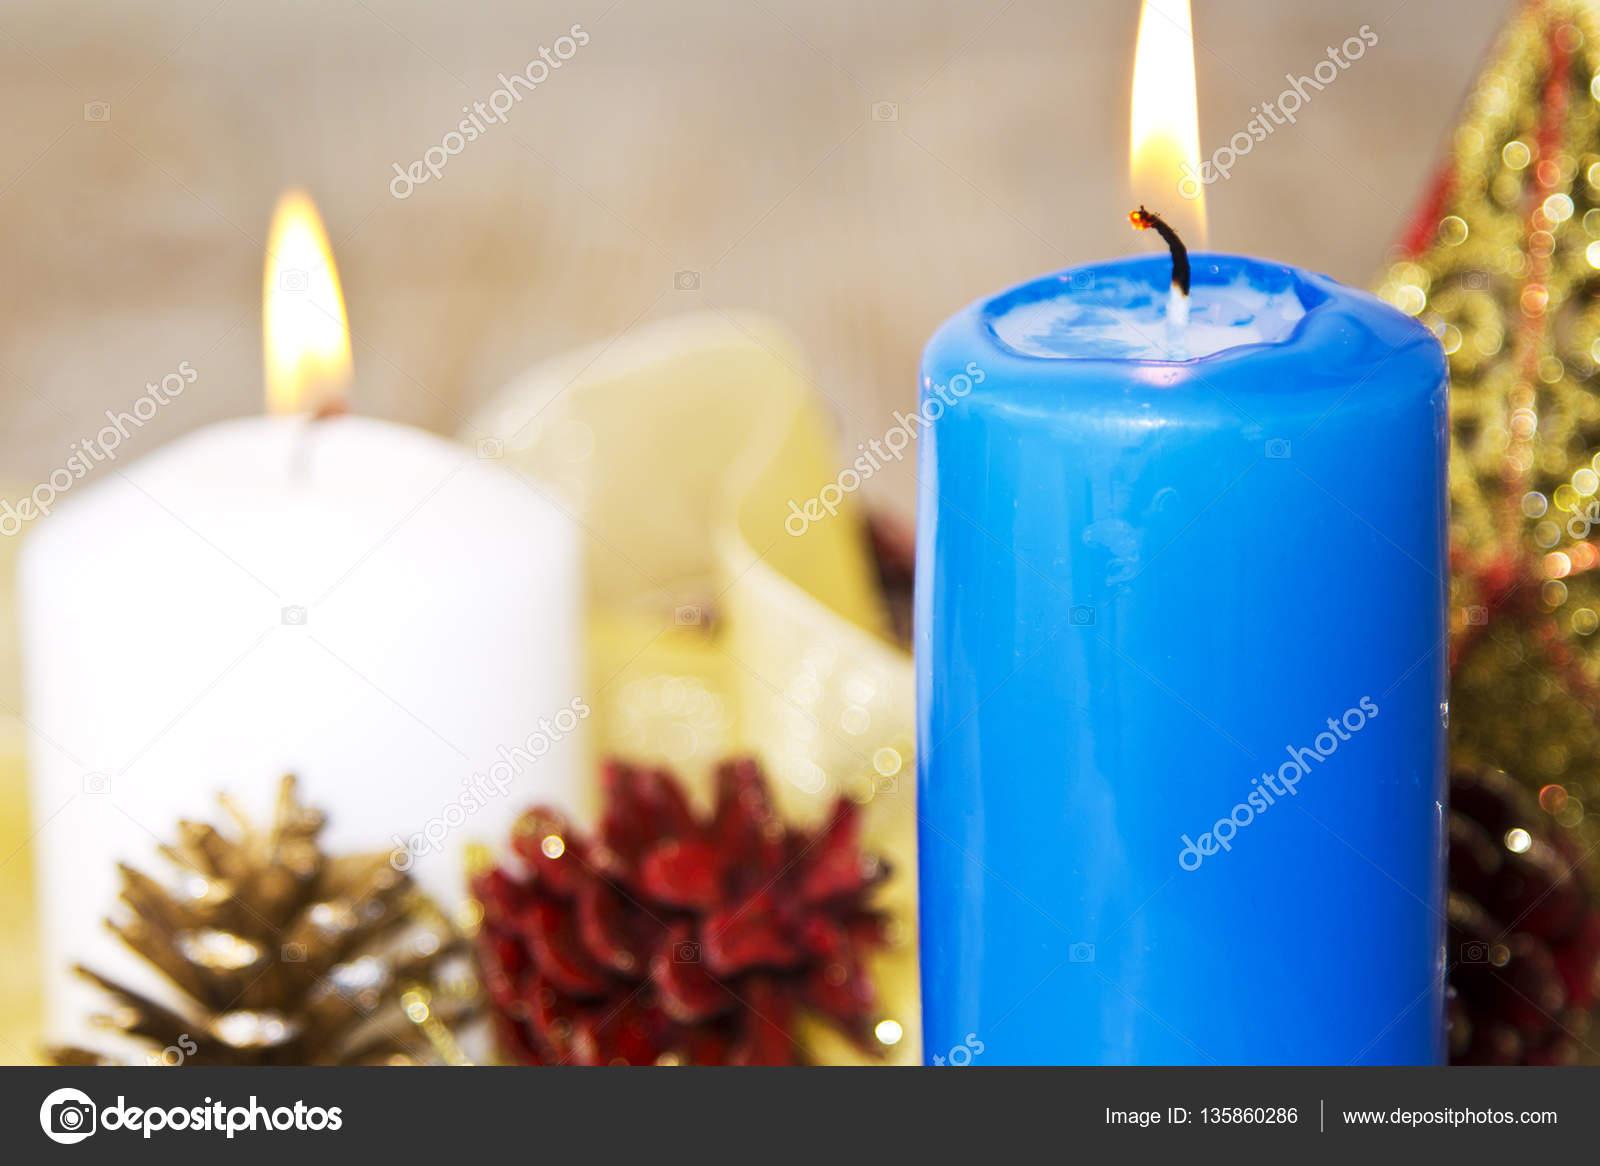 Decorare Candele Bianche : Cartolina di natale con candele bianche e blue e decorazioni di